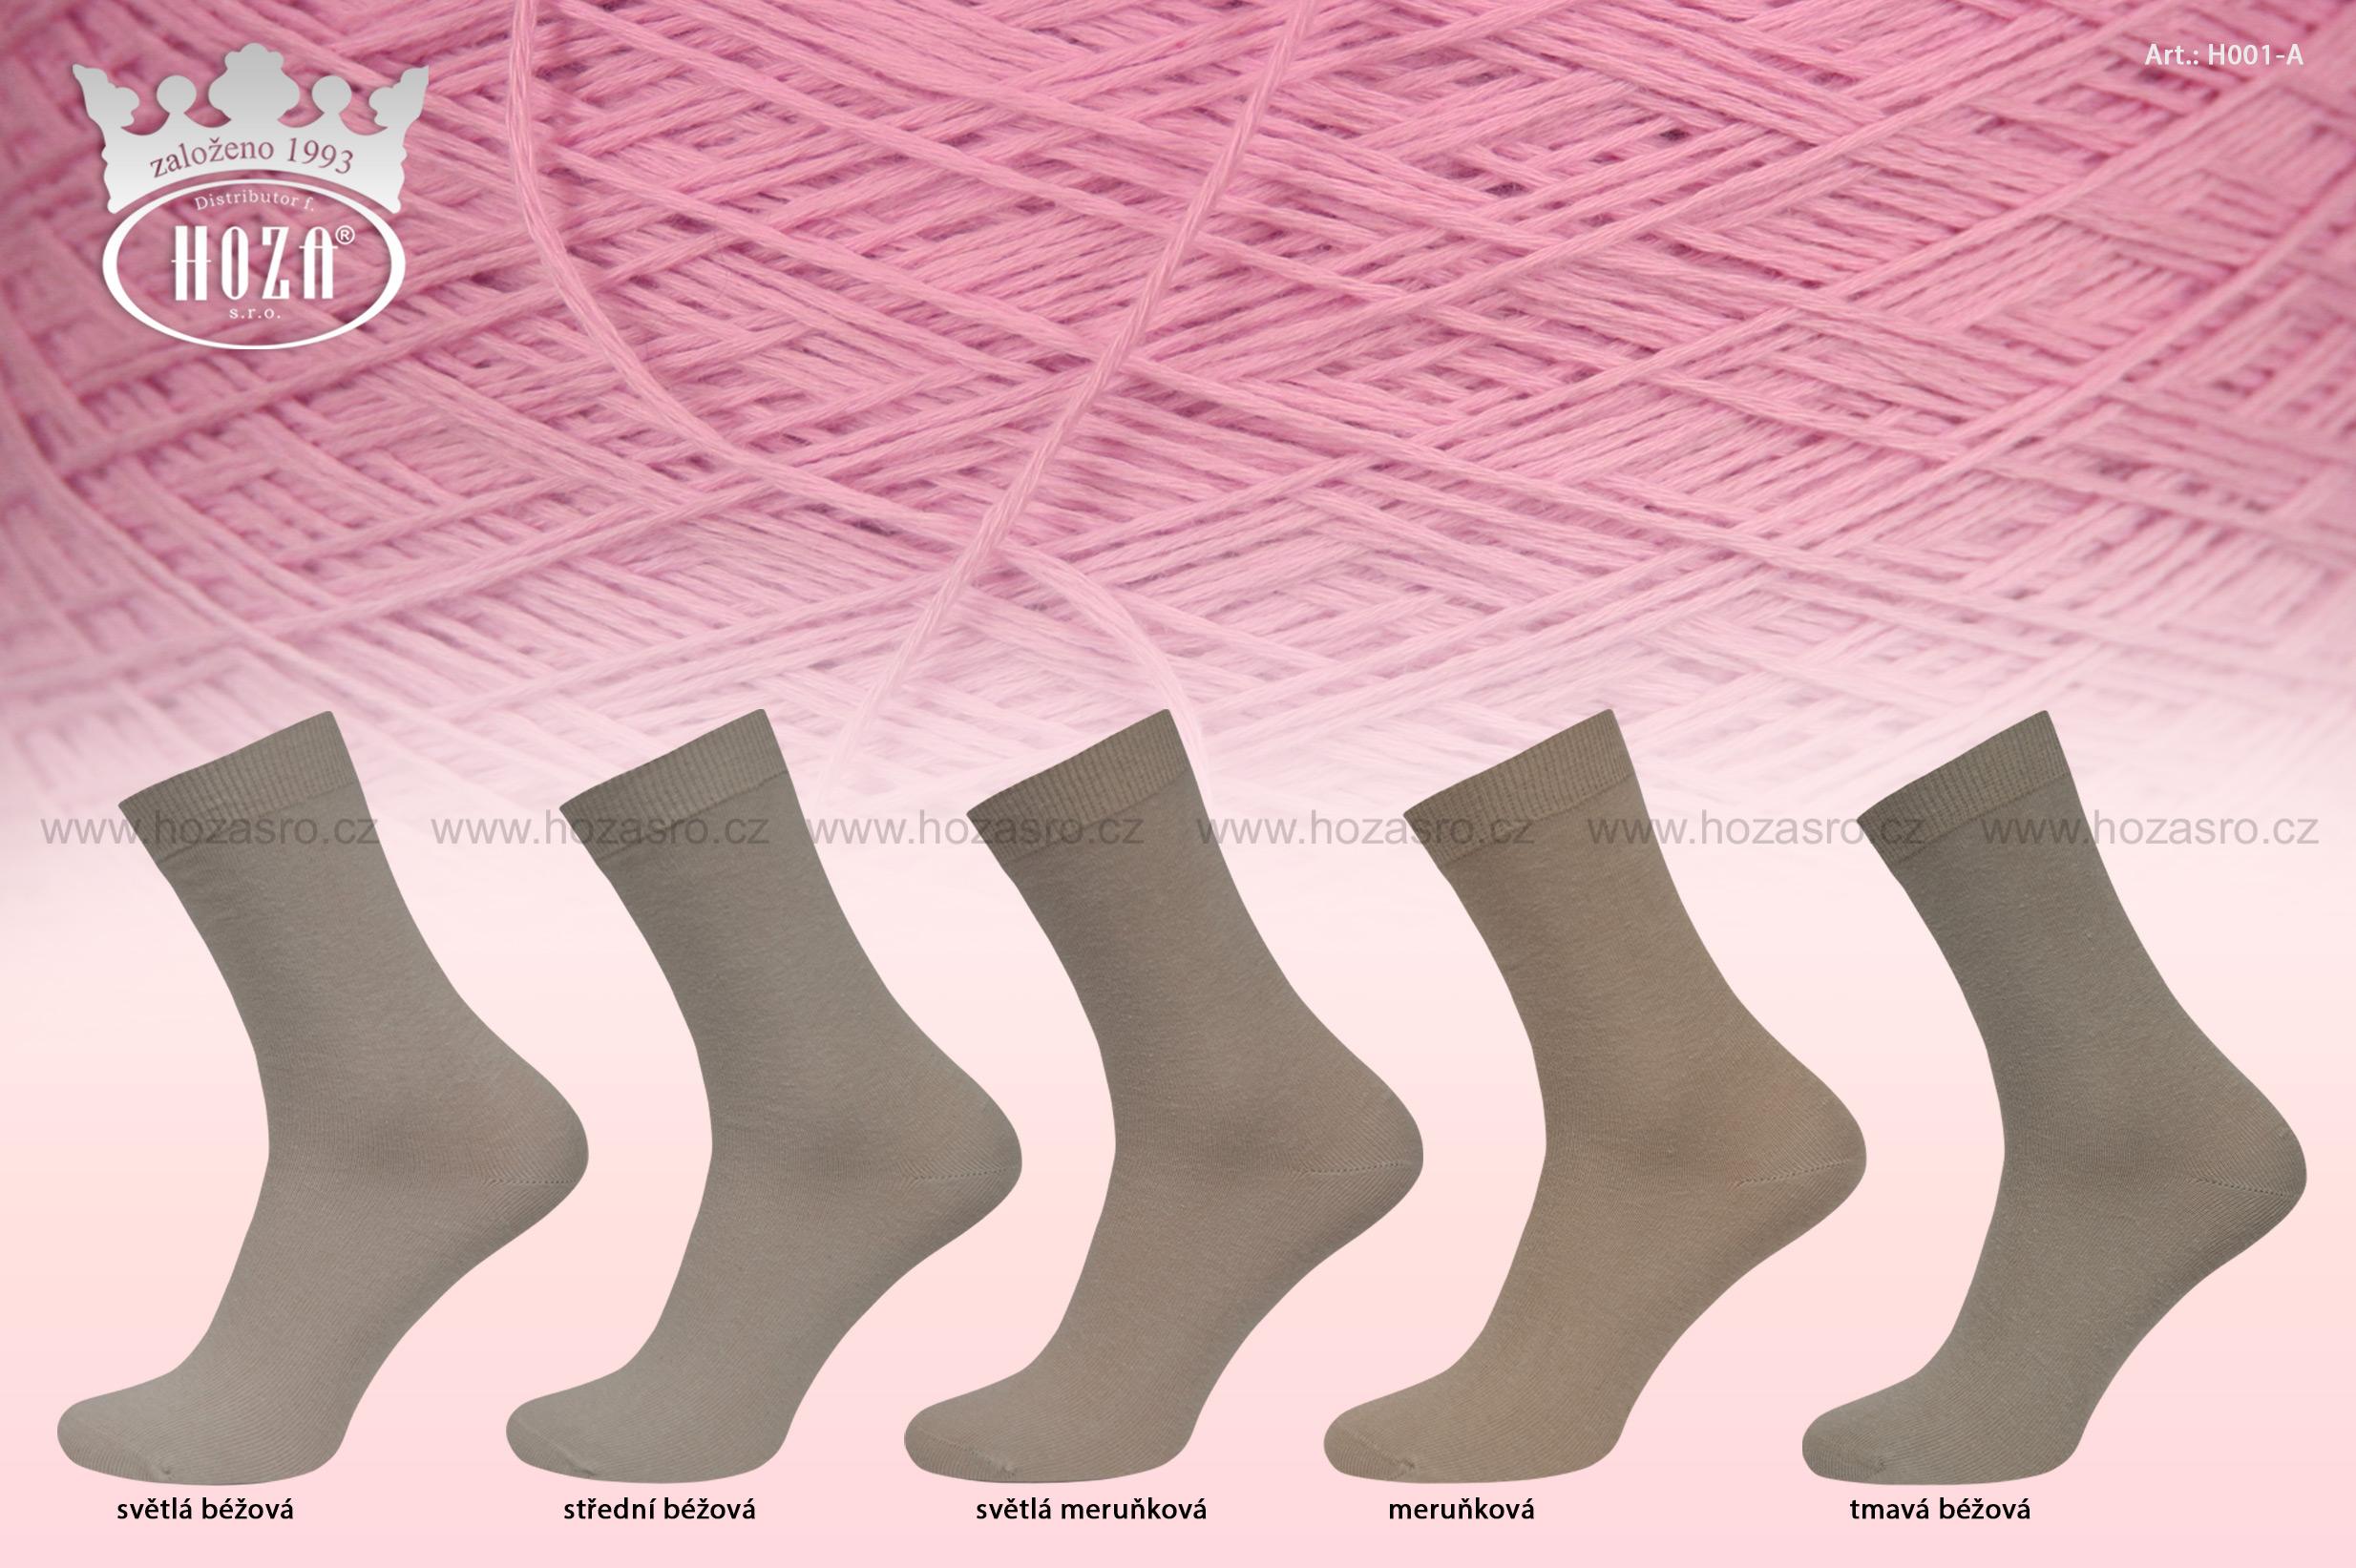 Dámské ponožky hladké, 100% bavlna - hnědý mix - H001-A